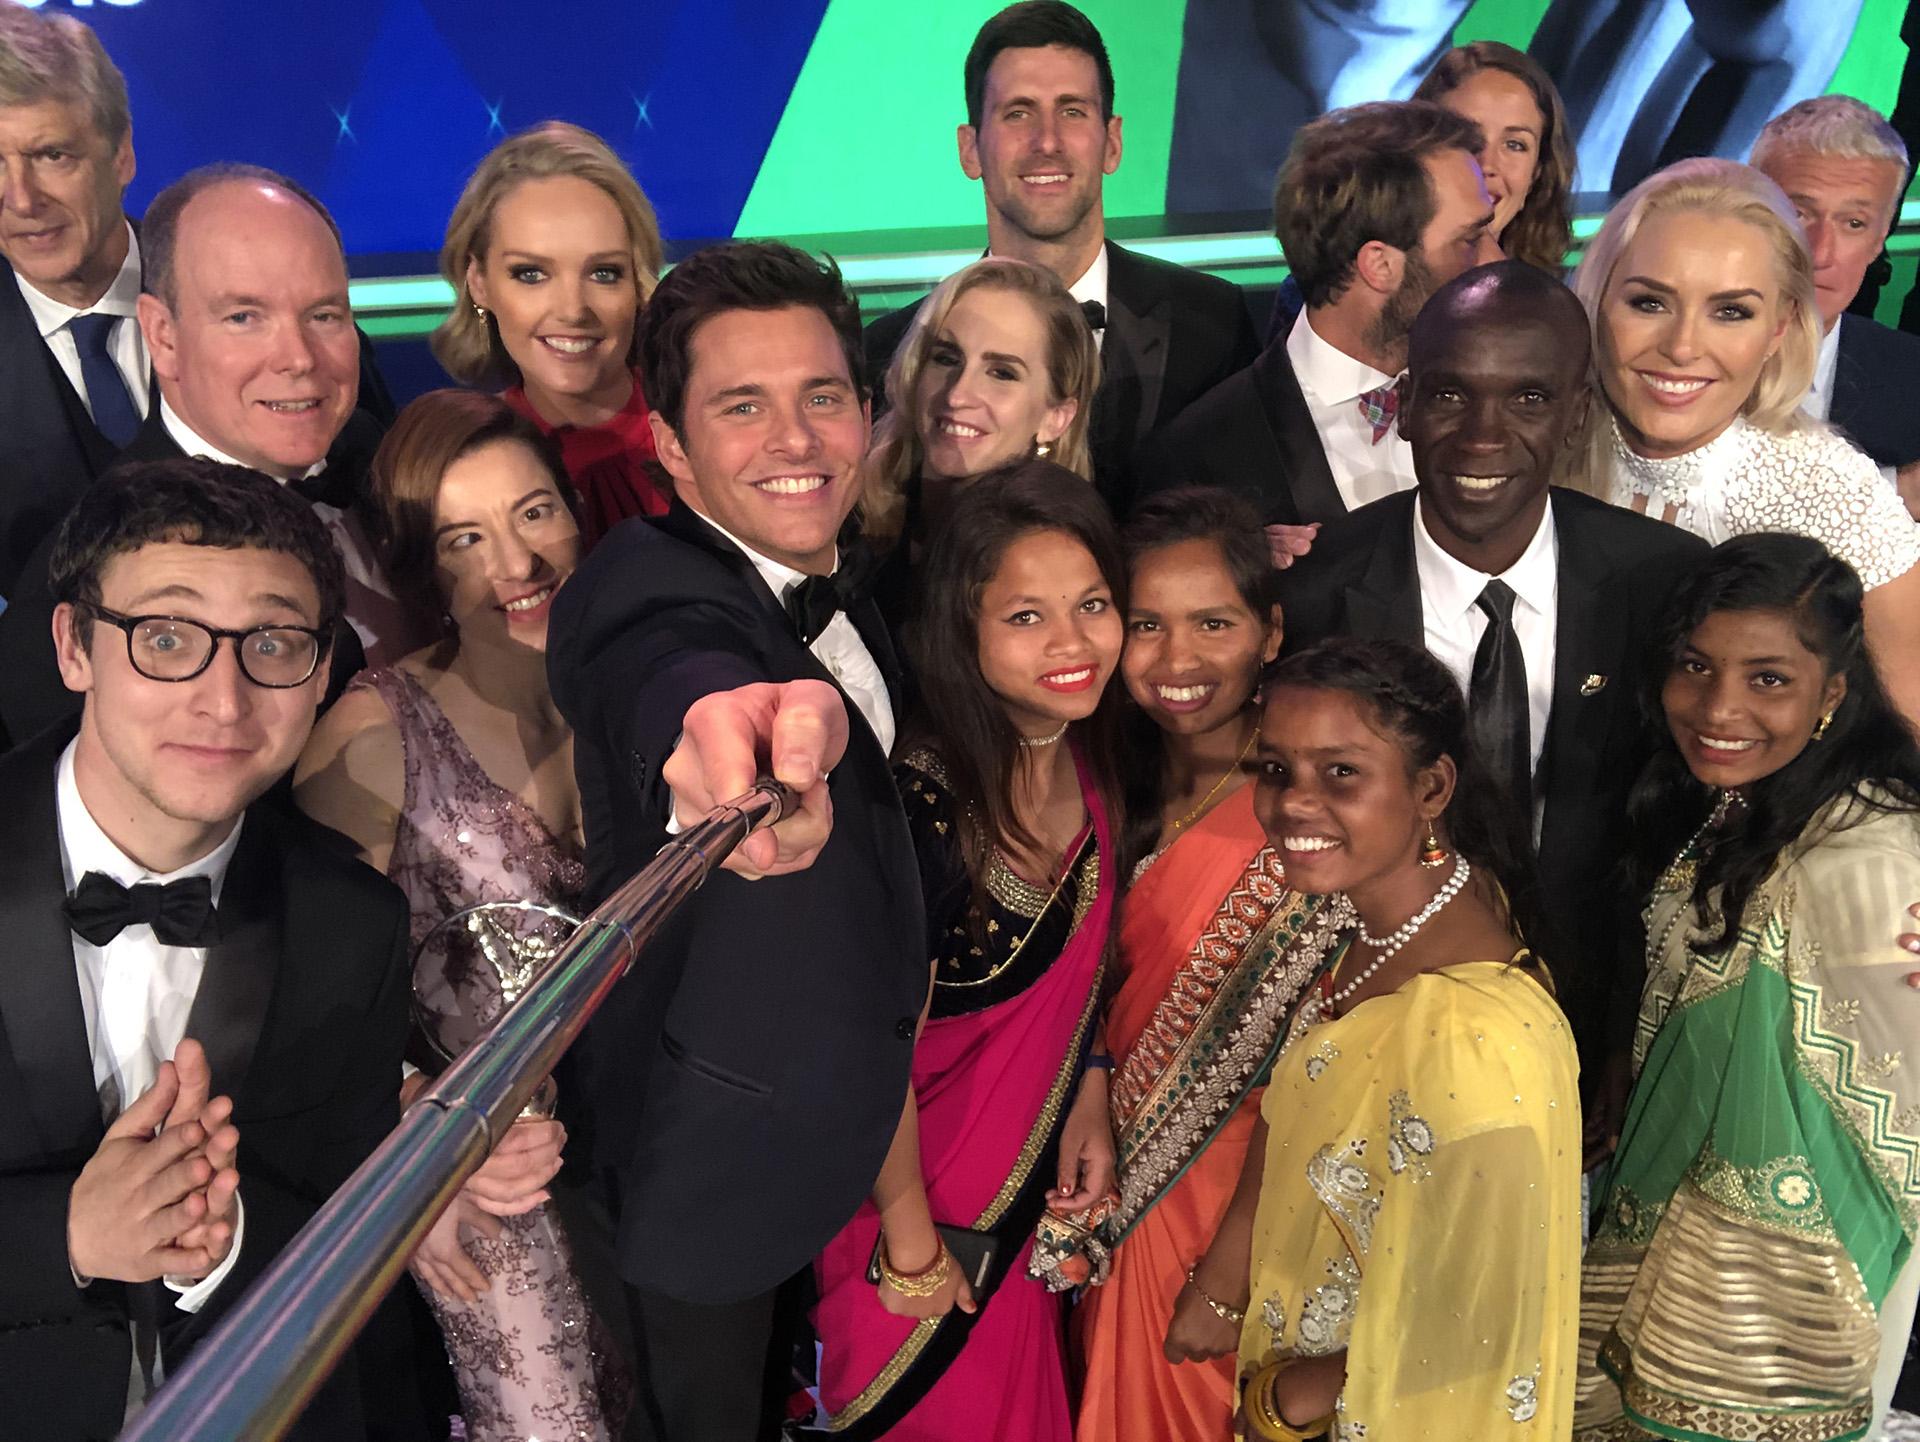 El presentador, James Marsden, se tomó una selfie sobre el escenario con algunas de las figuras deportivas (Alexander Hassenstein/Getty Images for Laureus)